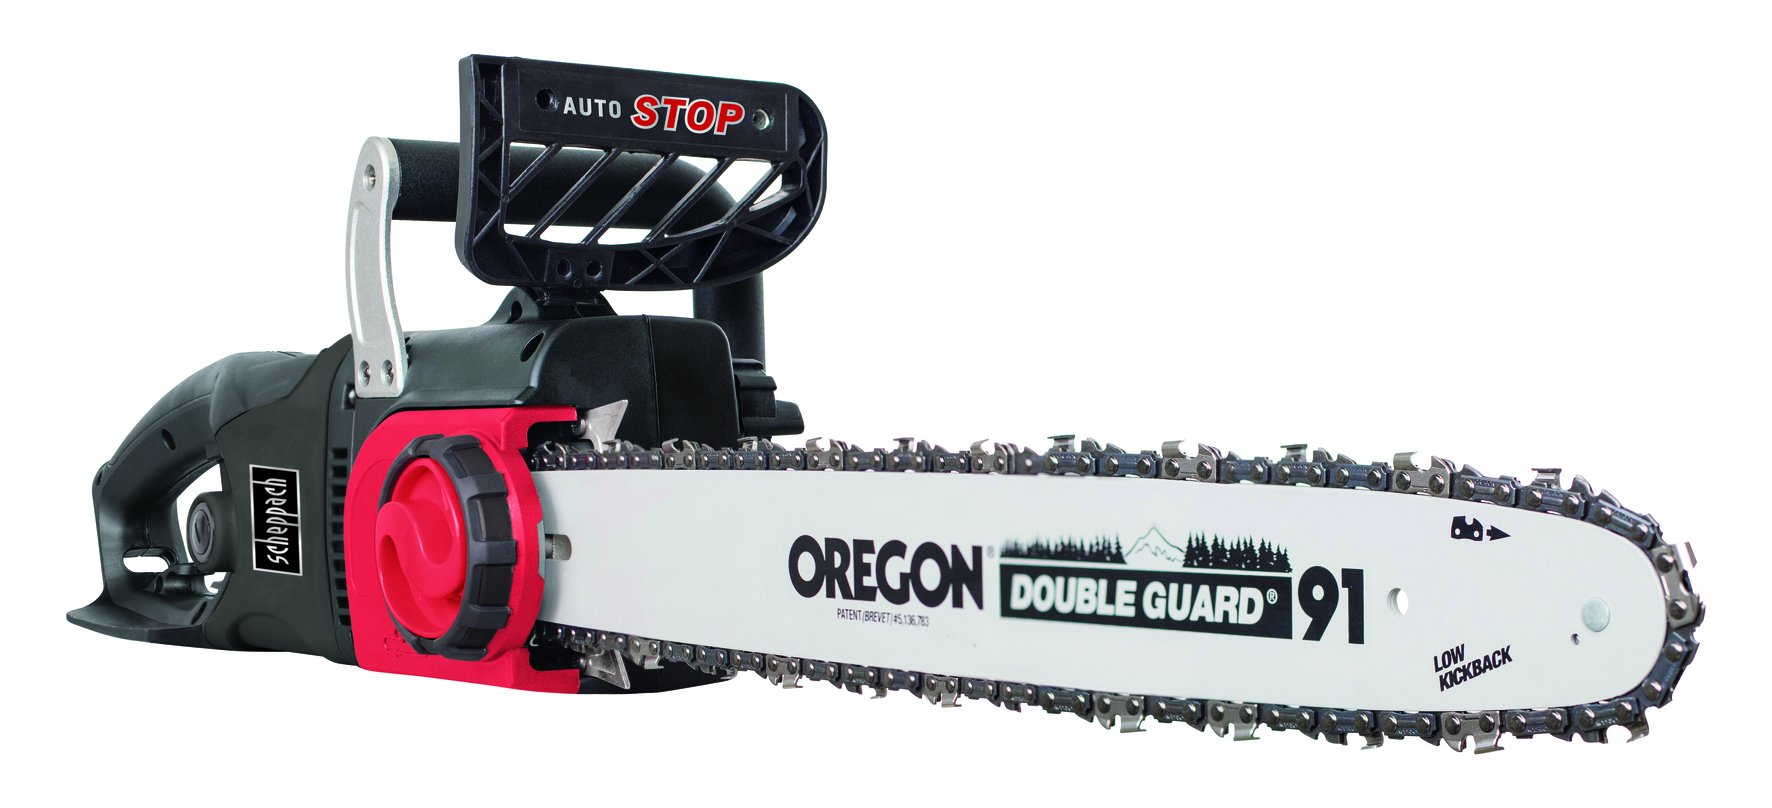 Scheppach-Elektro-Kettensge-CSE2500-2400-Watt-Schnittlnge-460-mm-Oregon-Kette-und-Qualittsschwert-Kettengeschwindigkeit-13msec-inkl-LED-Licht-und-Zugentlastung-fr-Verlngerungskabel